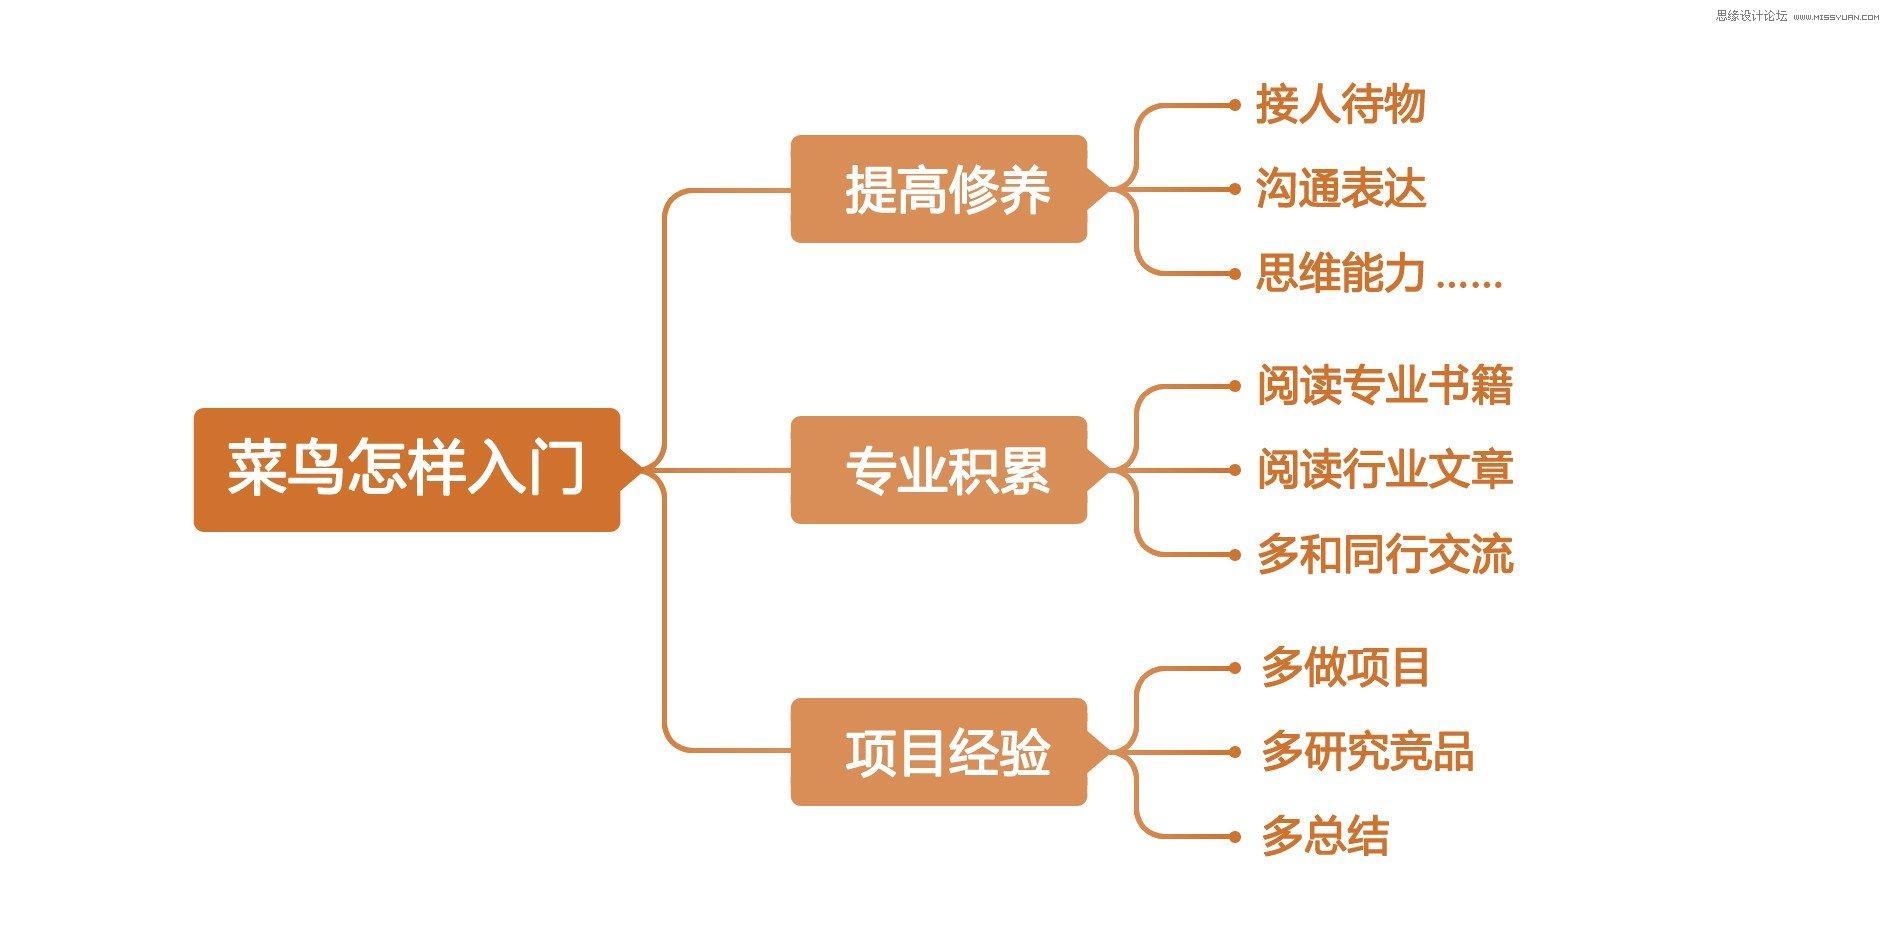 永利网址官网平台 1